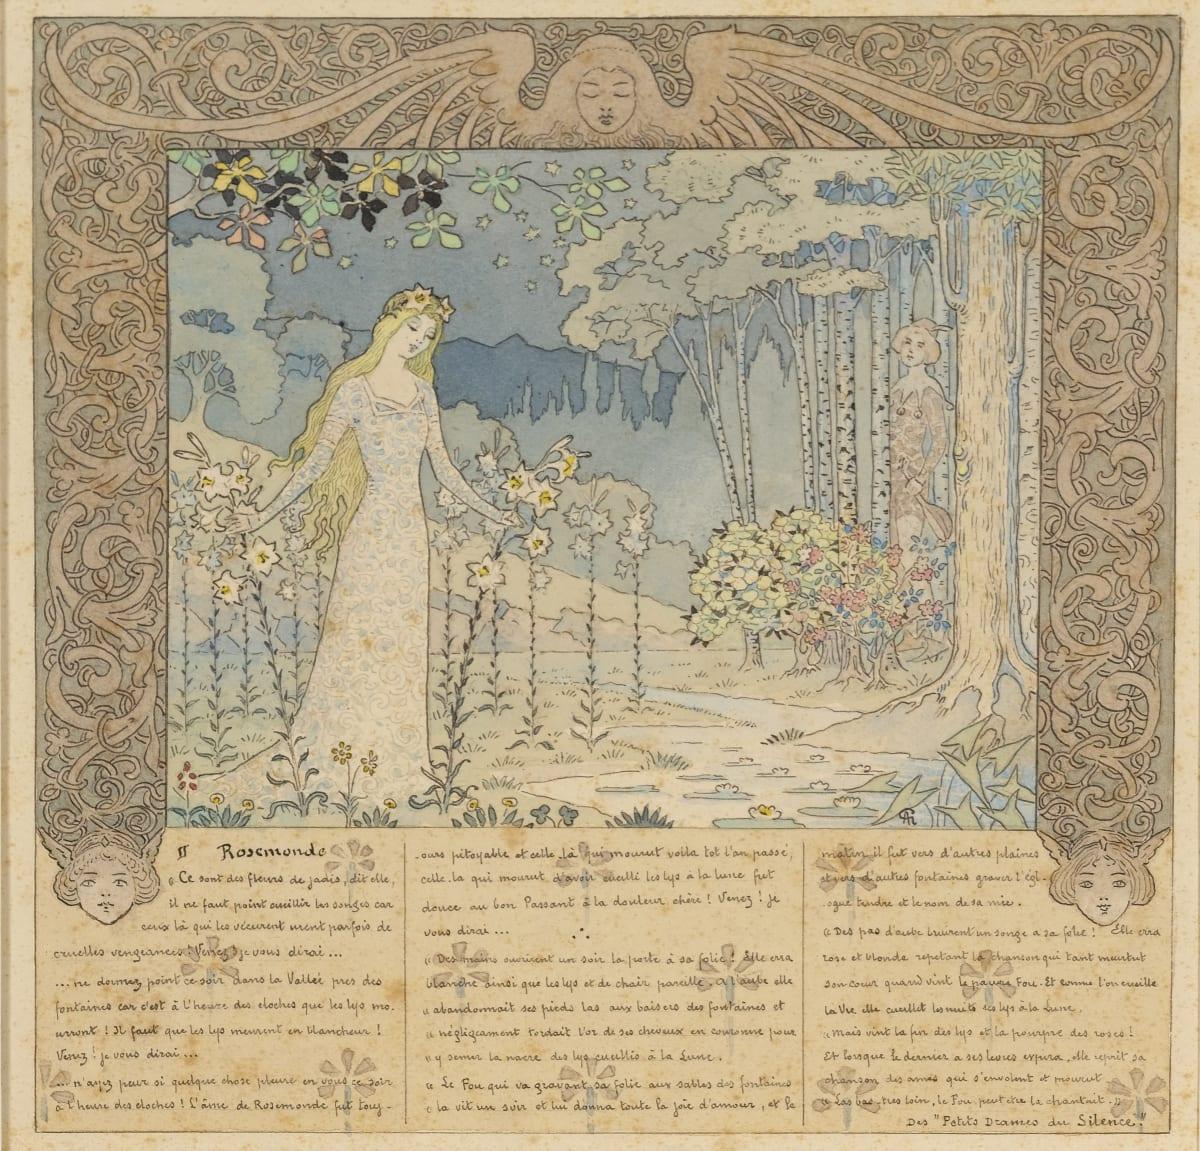 Alexandre Graverol Rosemonde Aquarelle et encre 17,5 x 17,5 cm monogrammé en bas à droite